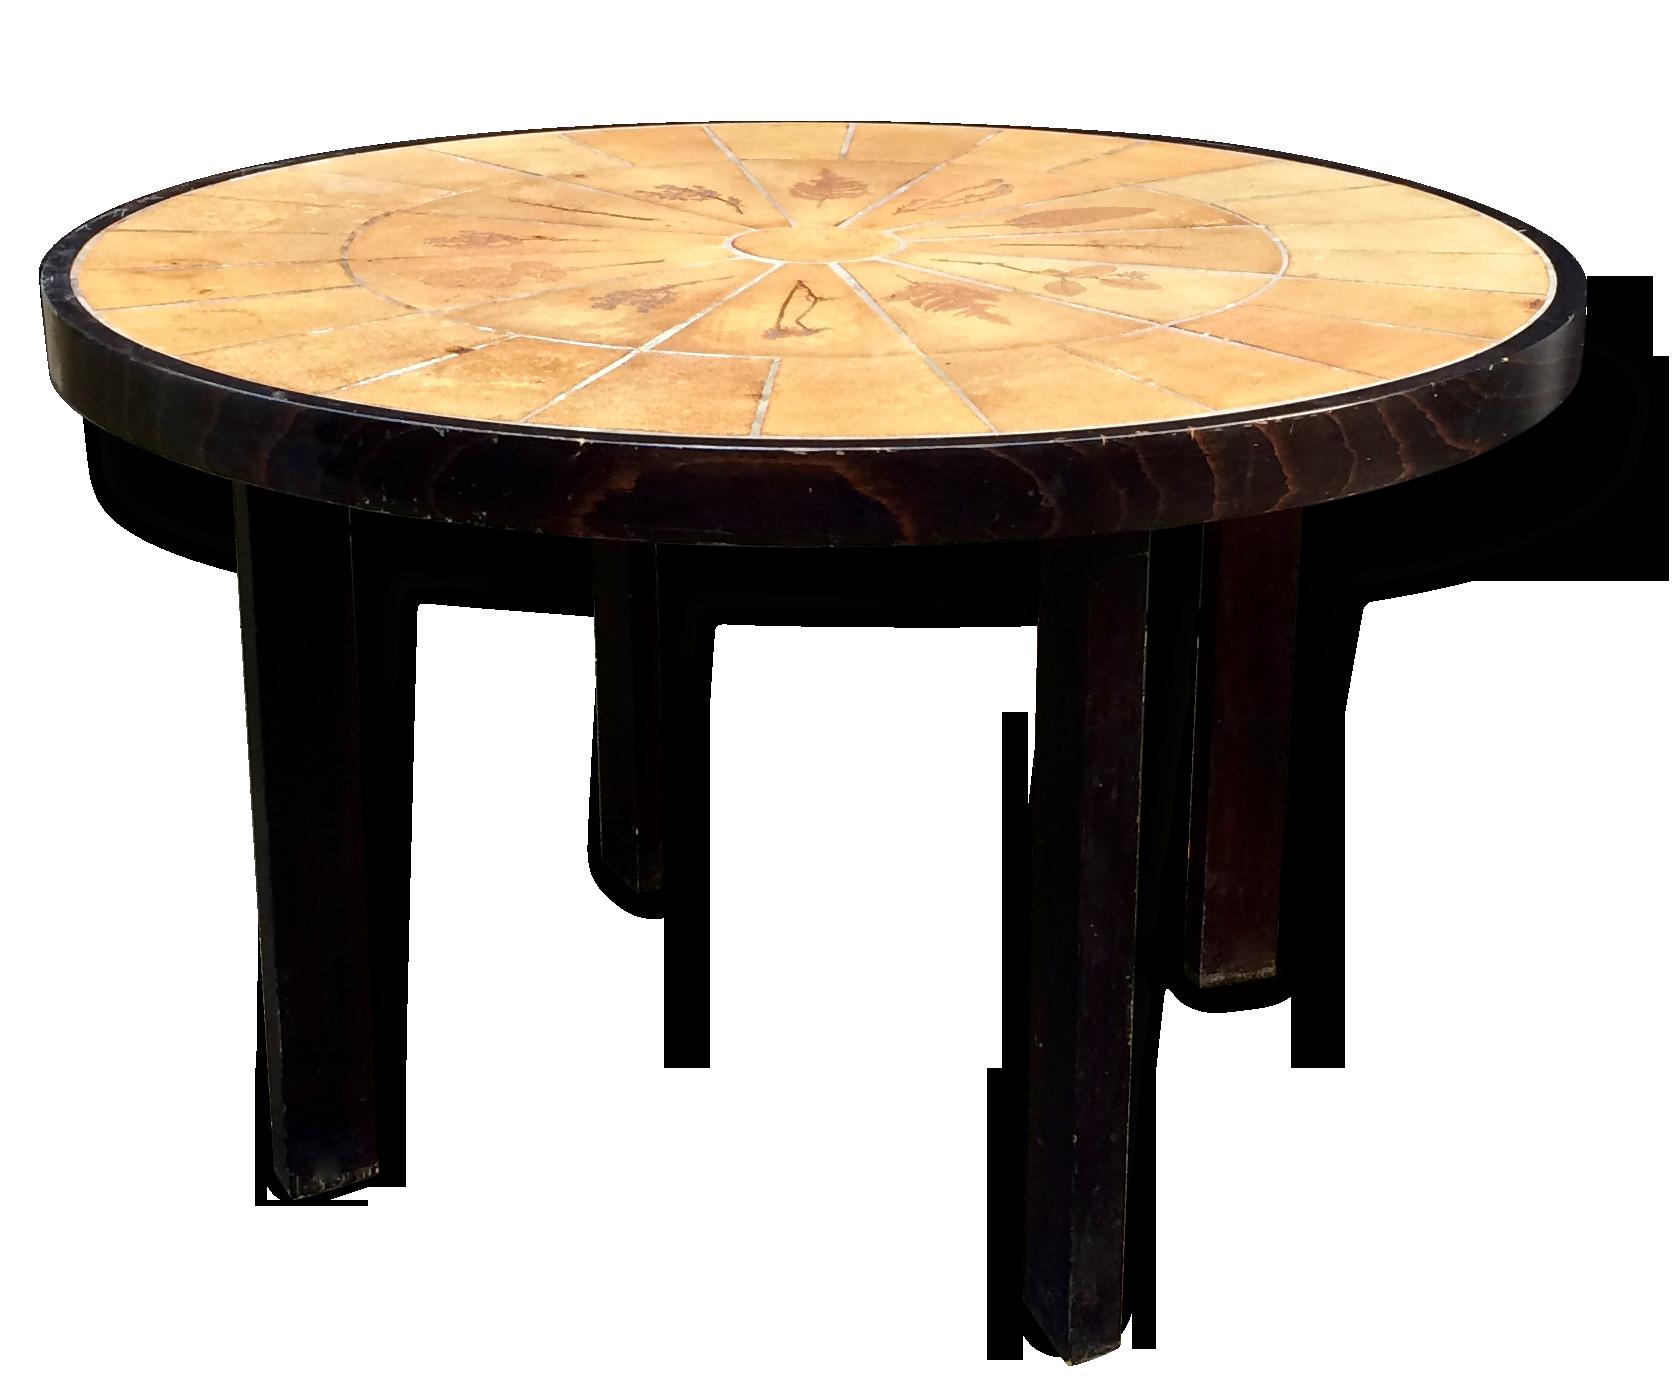 Table ronde haute Capron cramique porcelaine faence design